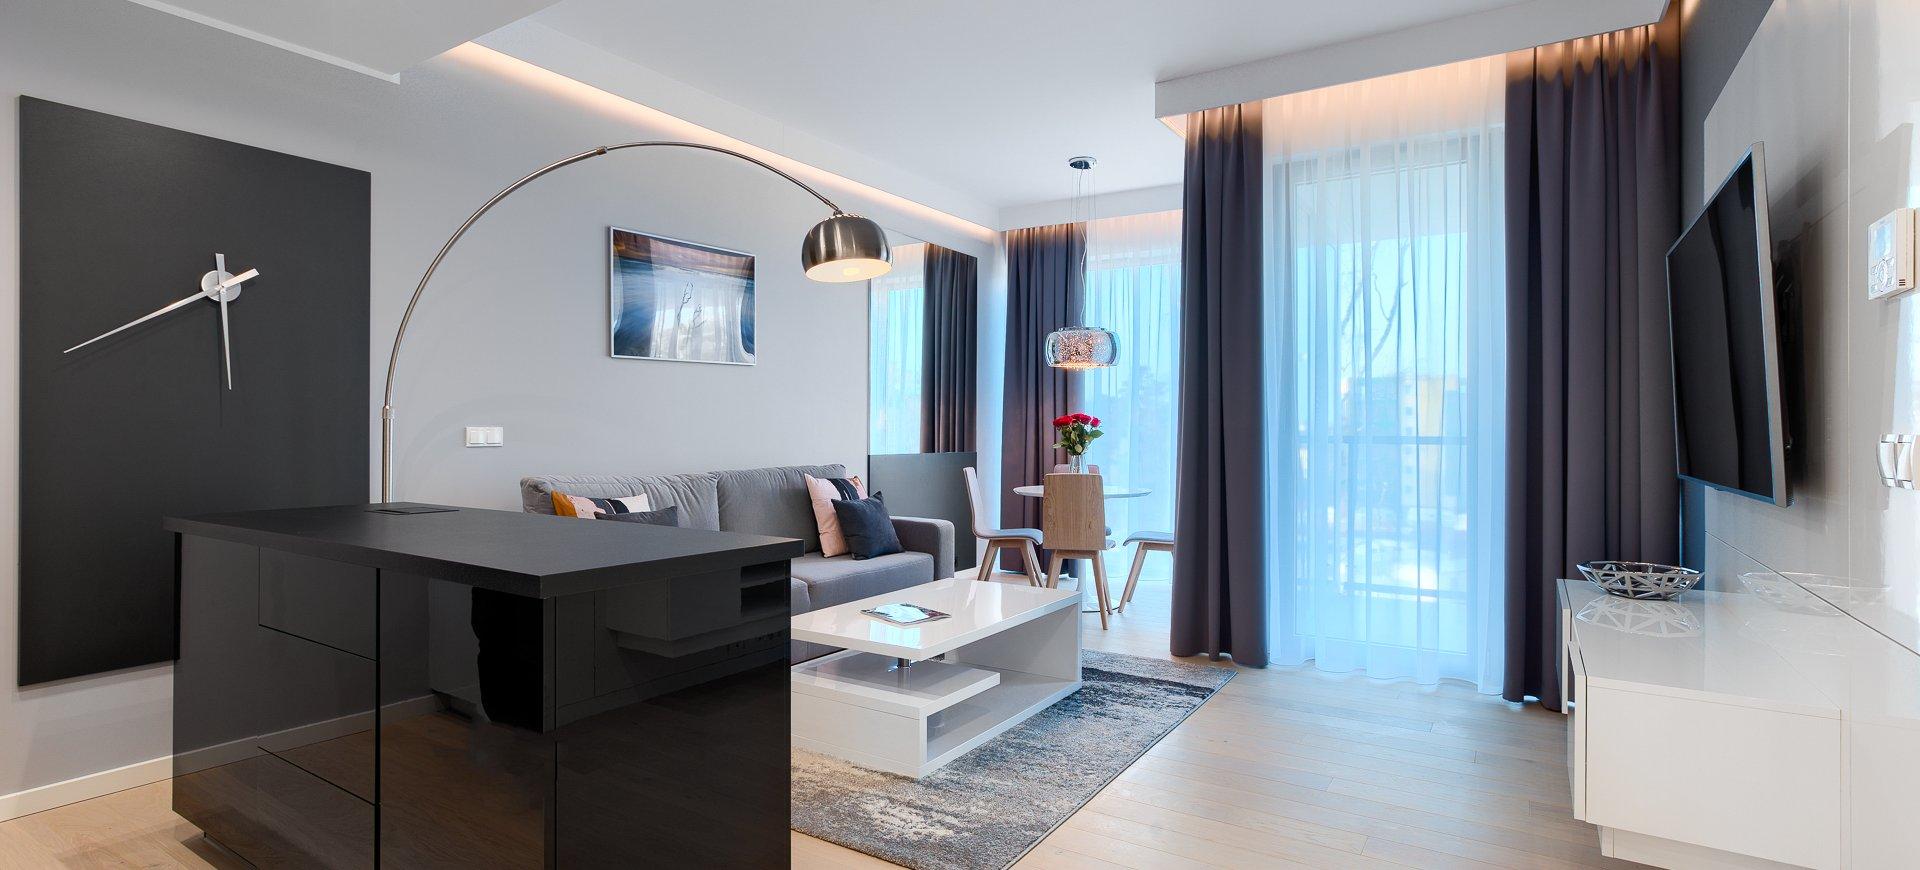 Apartament Deluxe z 1 sypialnią 3.12 C z bocznym widokiem na morze